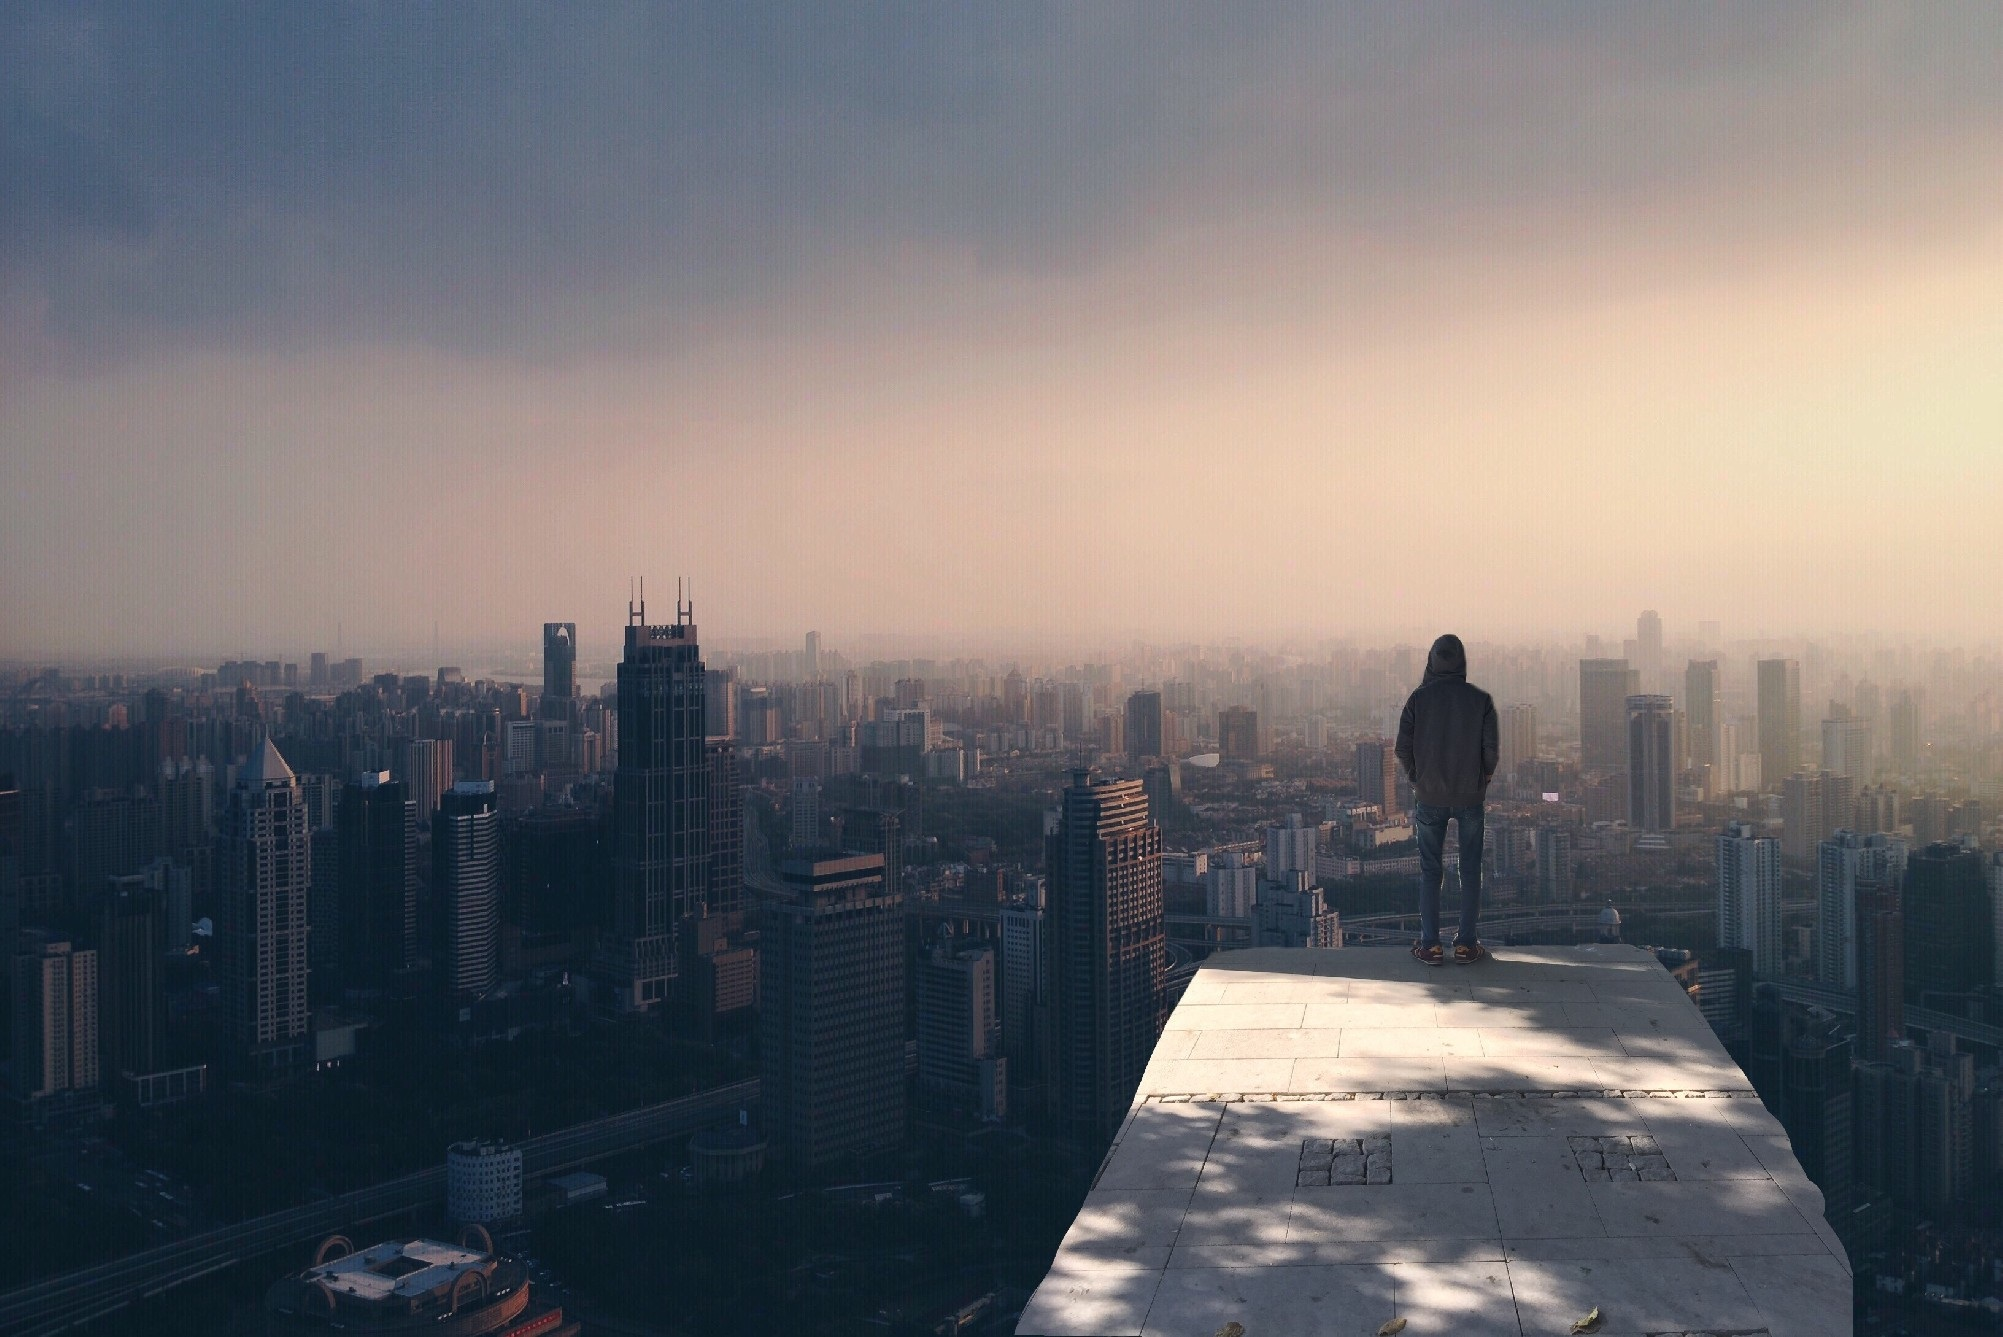 Kết bạn với sự cô đơn: Một kĩ năng rất quan trọng nhưng không ai dạy bạn